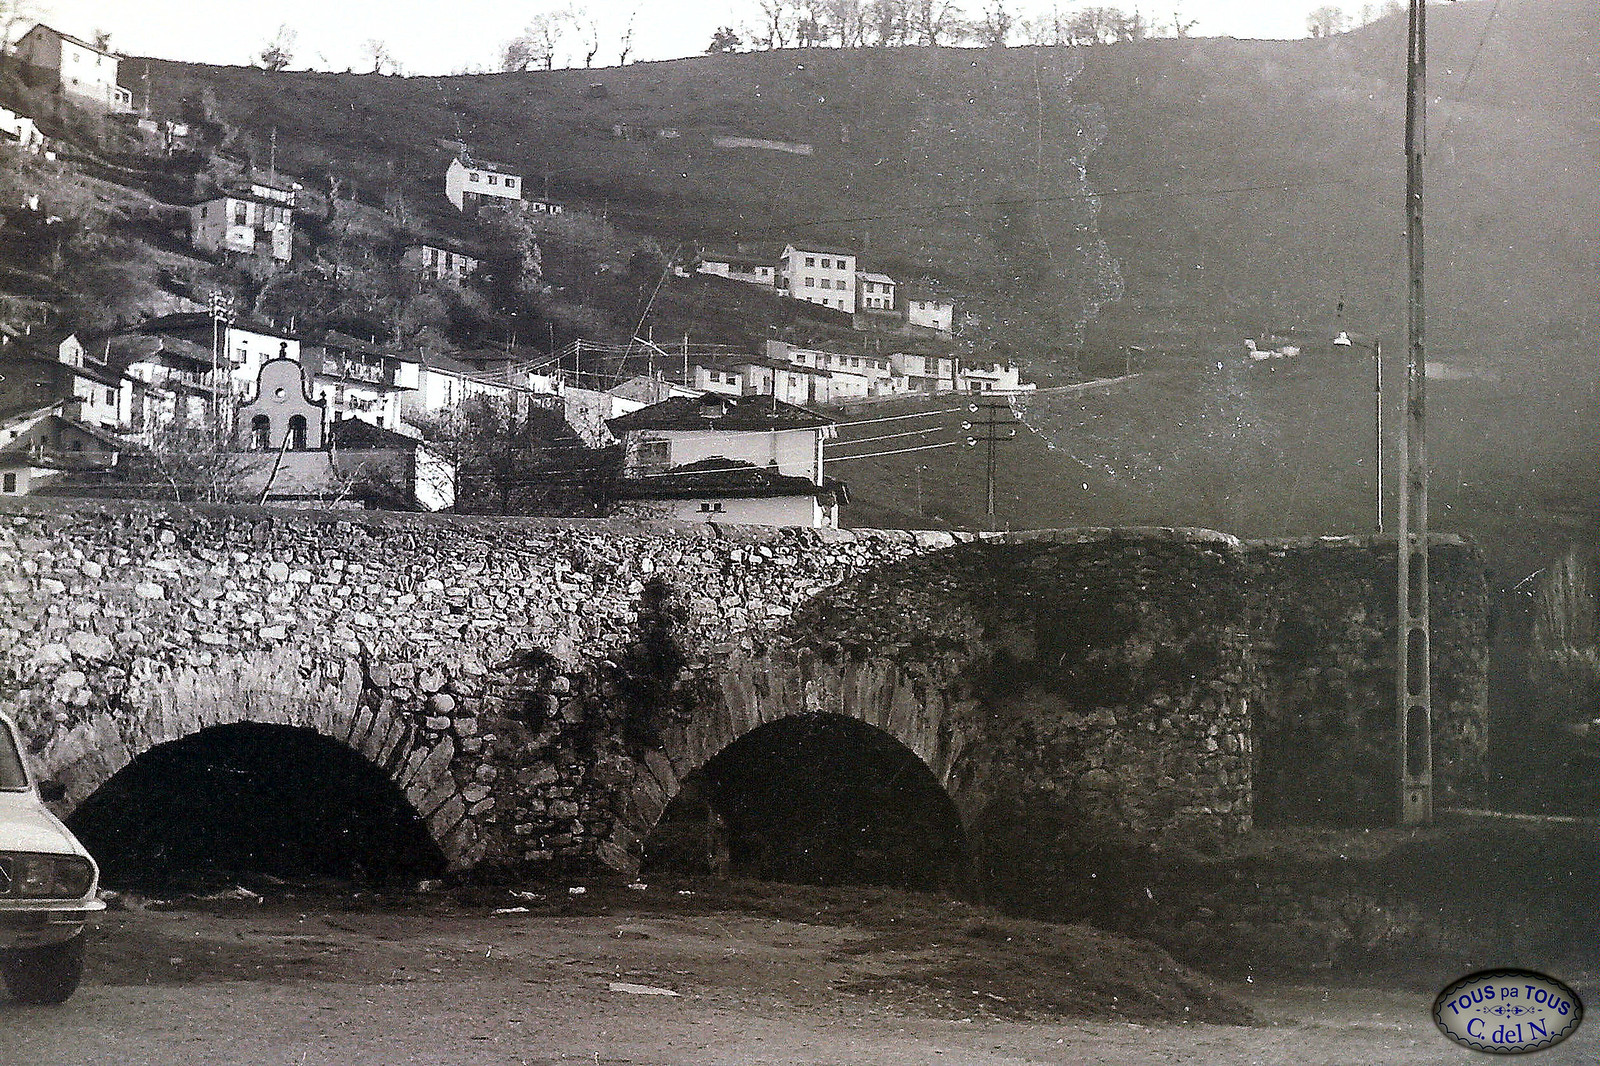 1985 - El Puente y El Cascarín